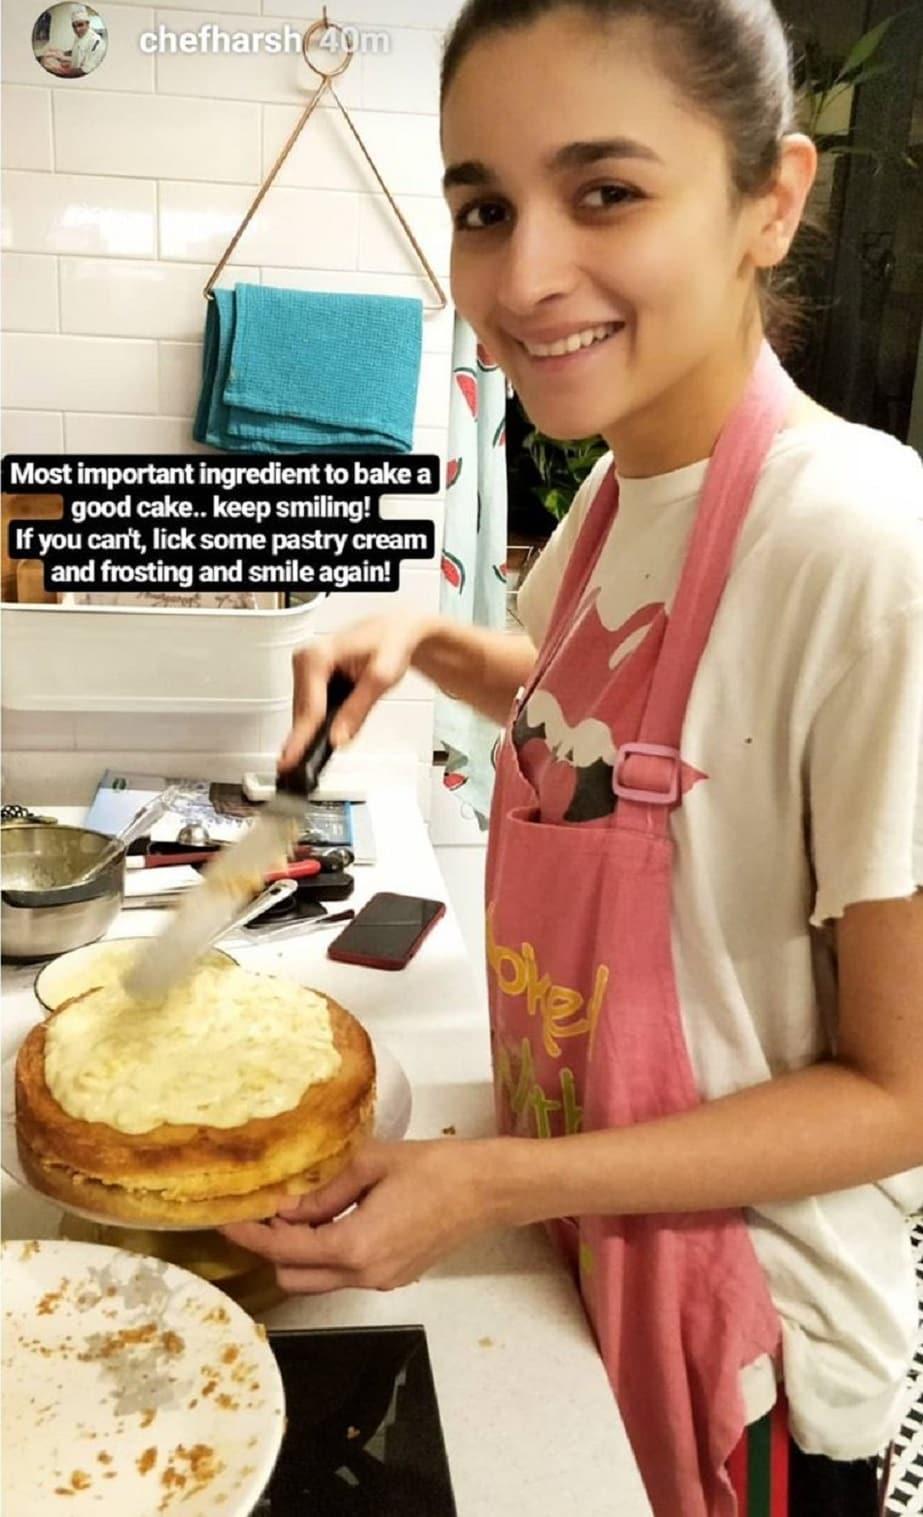 একেই বলে ভালবাসার আগুন ৷ Image Courtesy: Screengrab from chef Harsh Dixit's Instagram stories